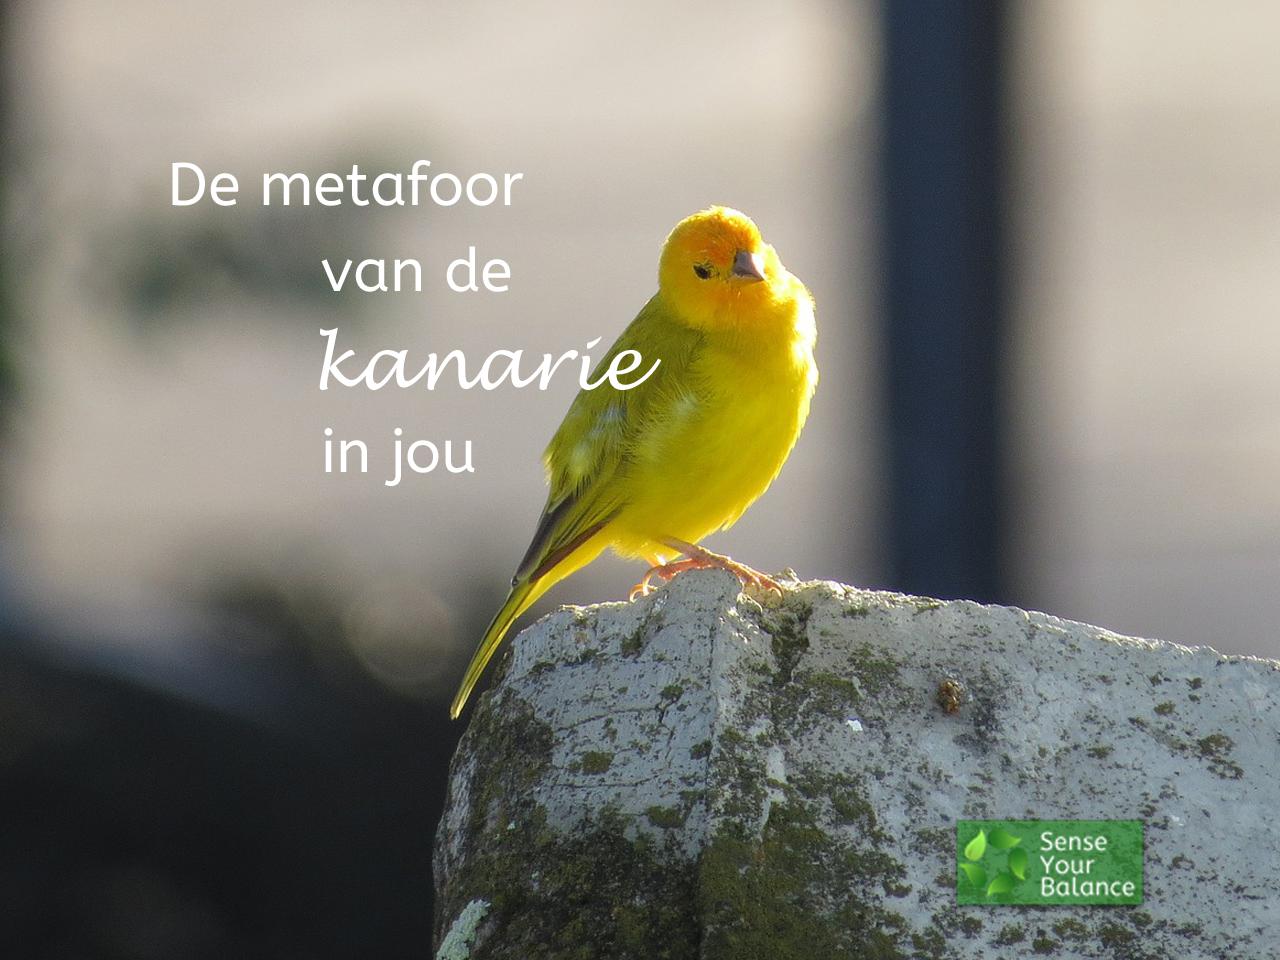 De metafoor van de kanarie in jou - Sense Your Balance - IJsselstein